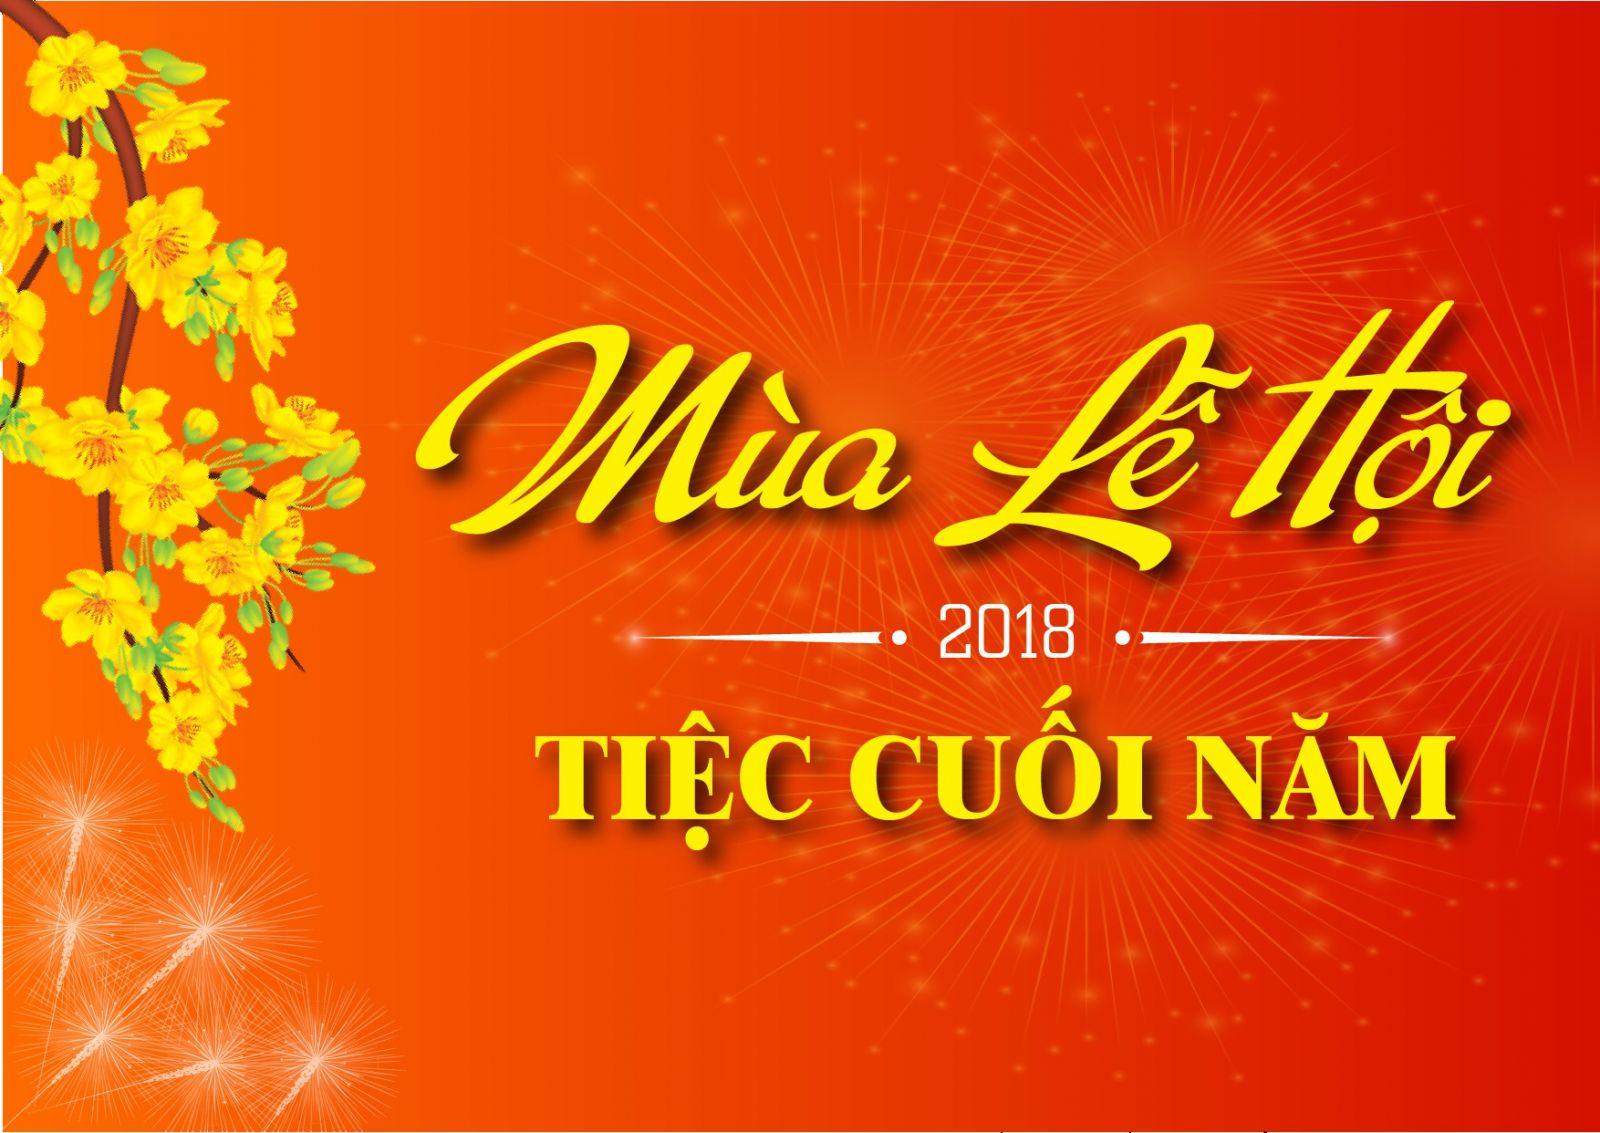 mùa lễ hội tiệc cuối năm a châu travel